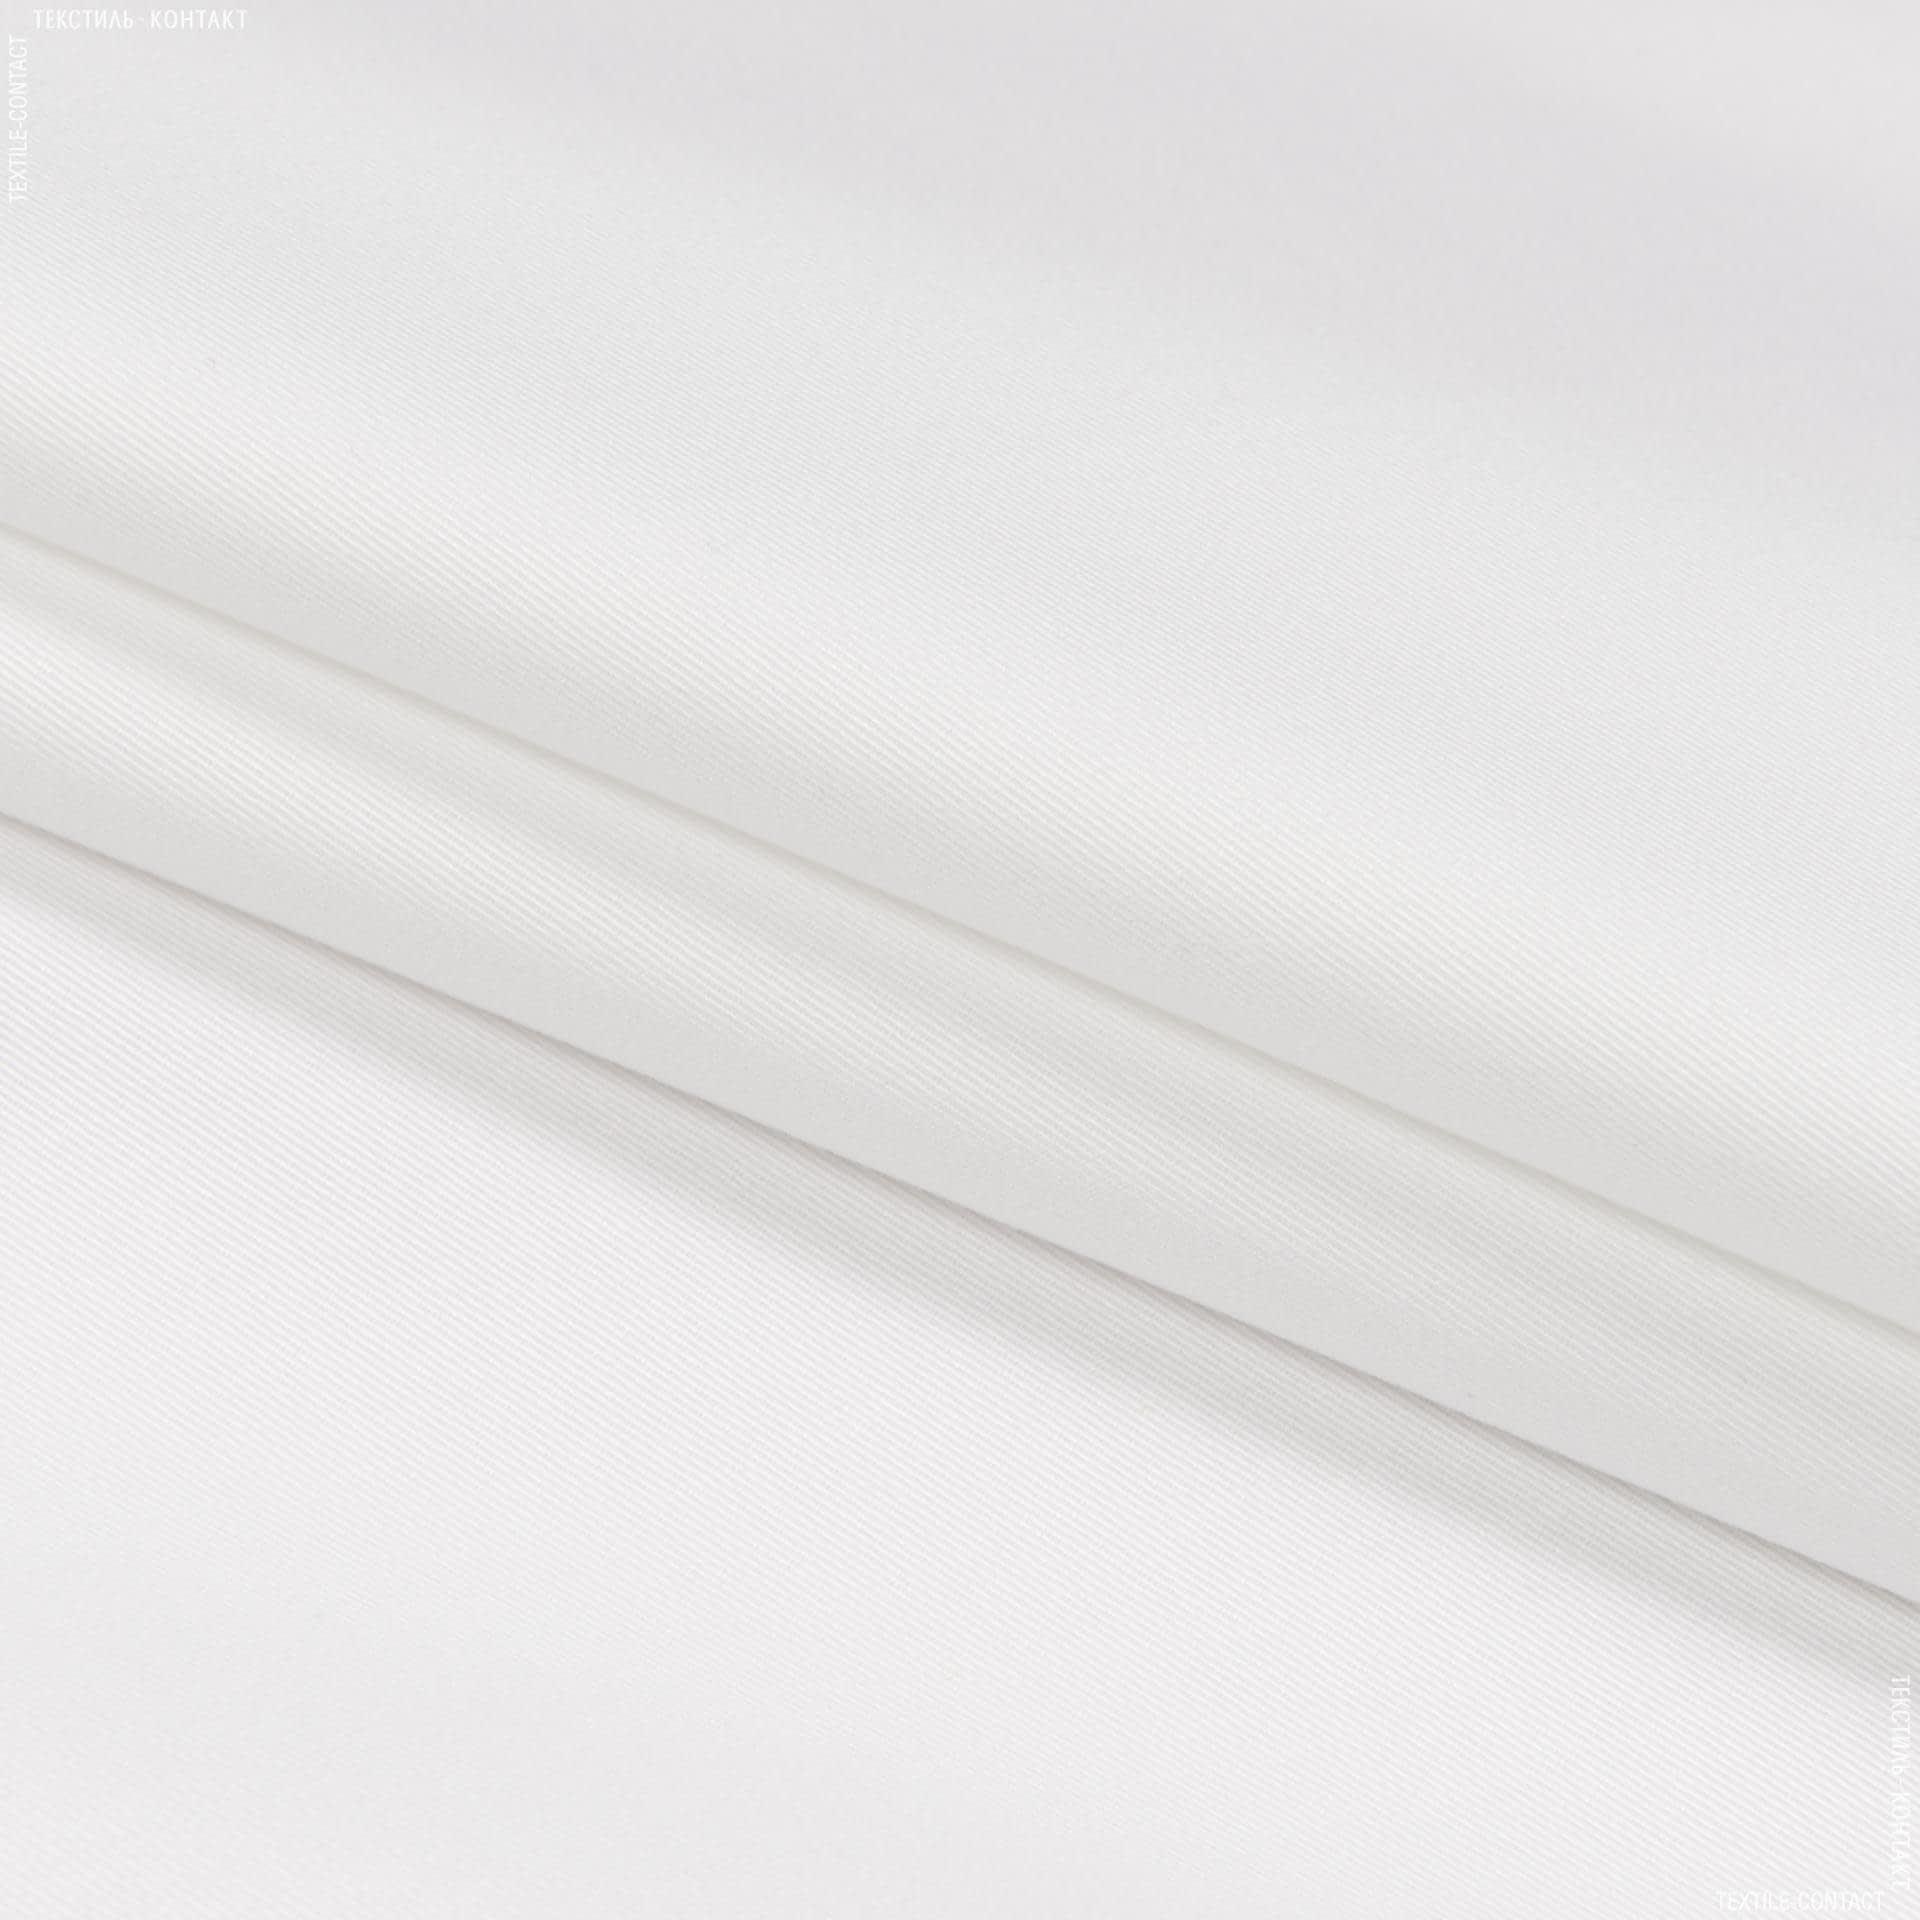 Ткани для банкетных и фуршетных юбок - Декоративный сатин  гандия/gandia бело-молочный